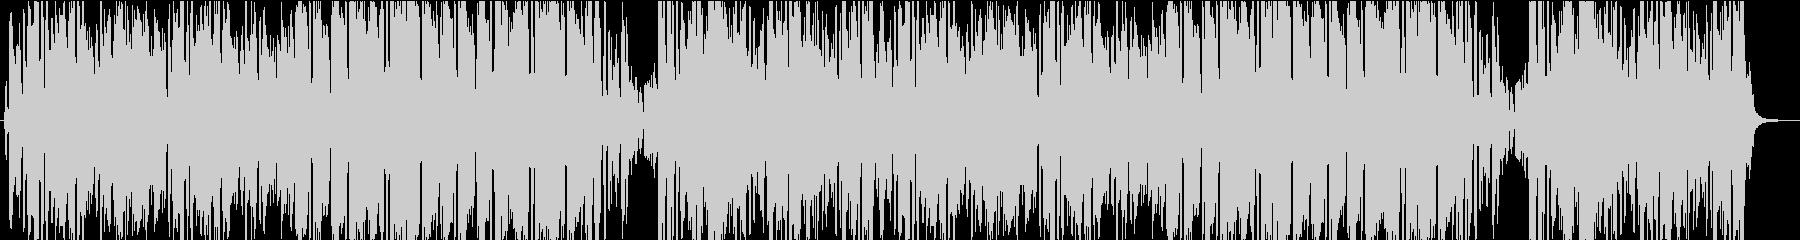 中世ヨーロッパの陽気な曲の未再生の波形